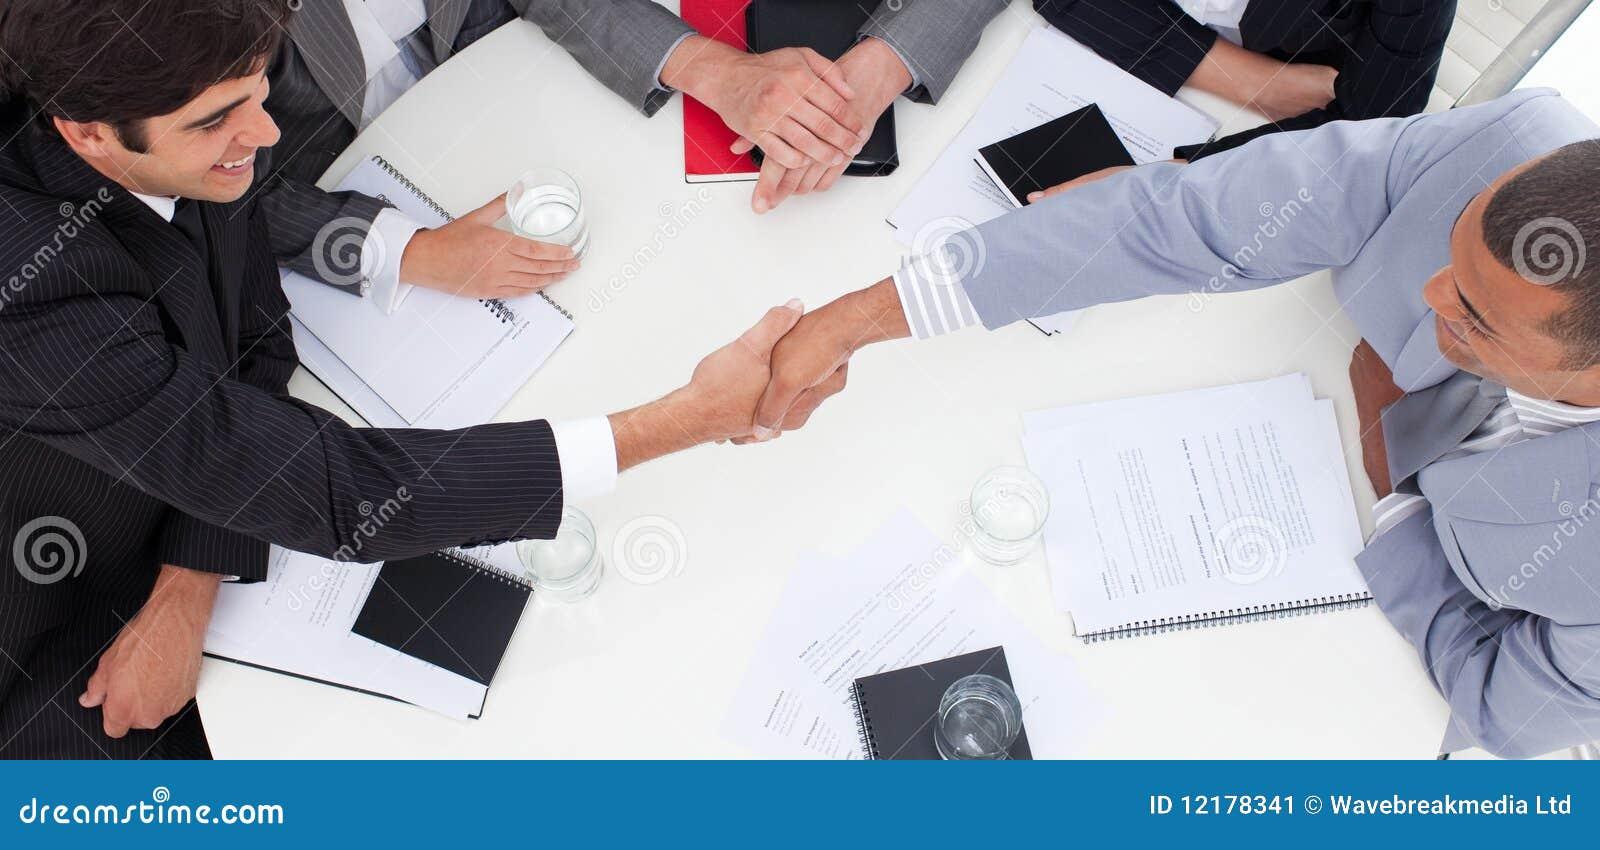 Предложение о заключении сделки с ценными бумагами